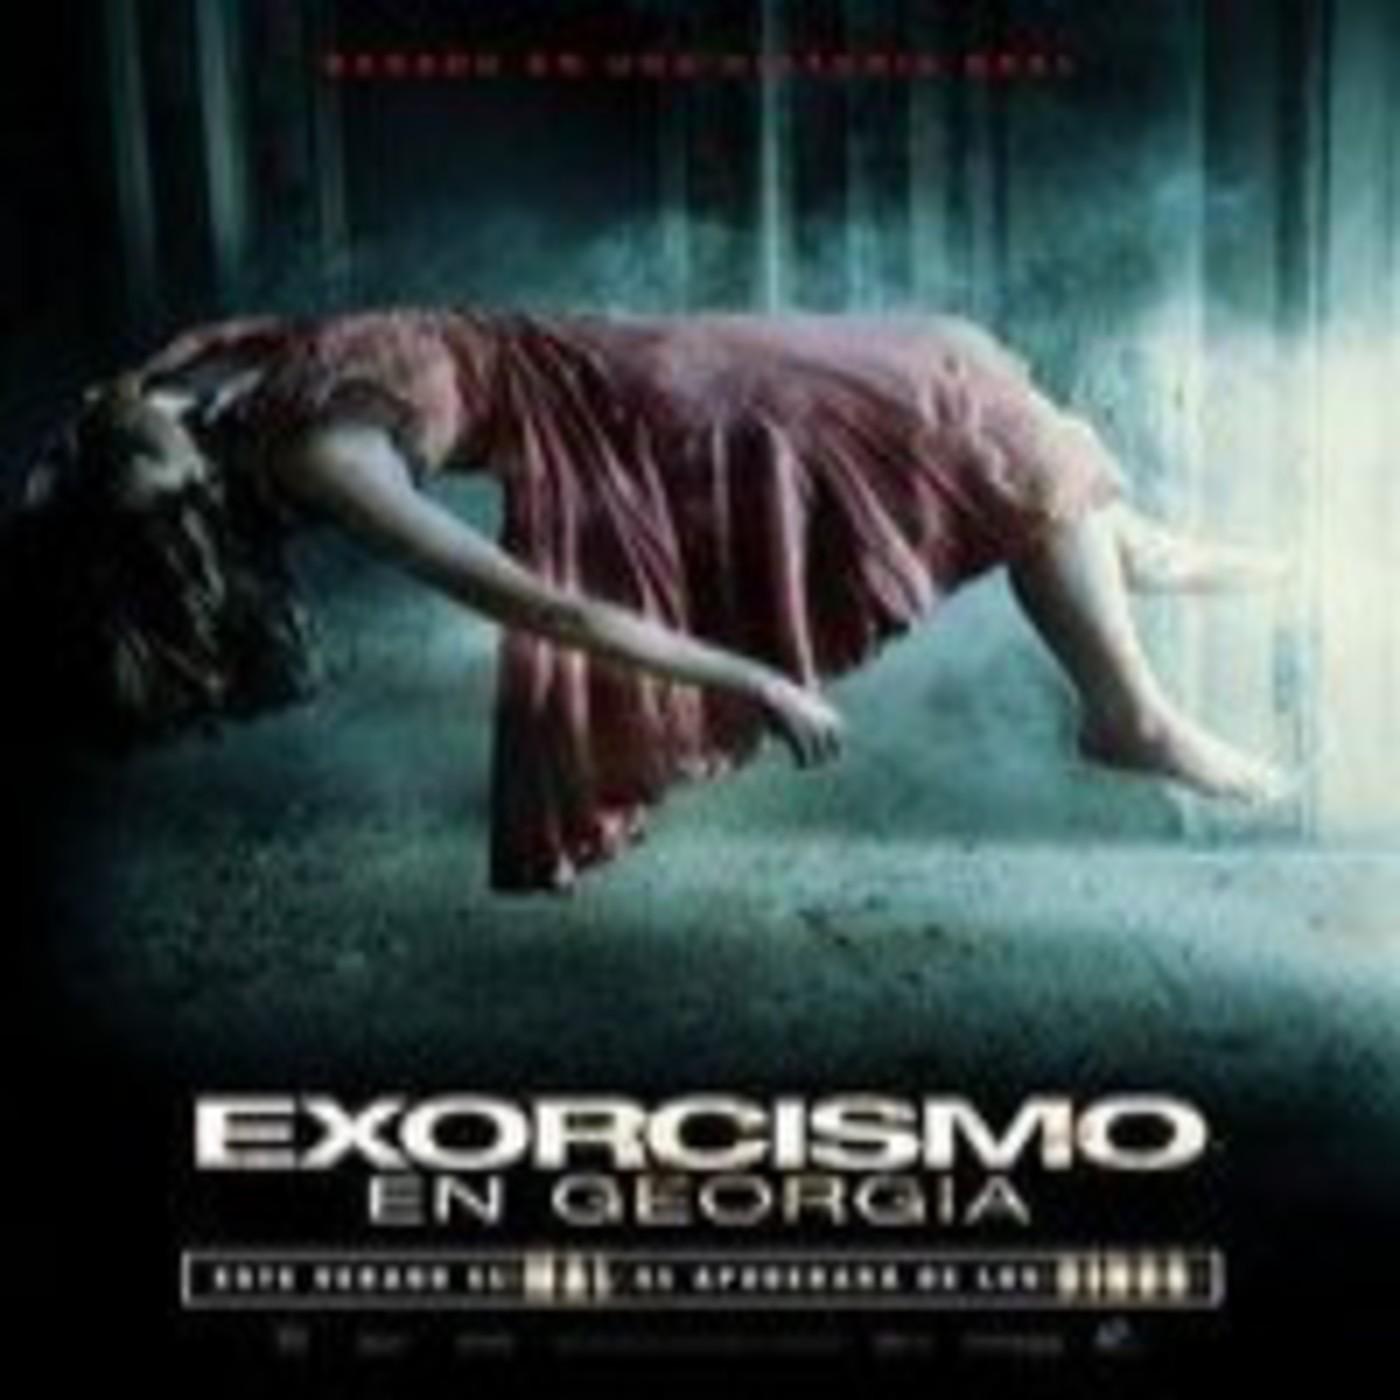 Exorcismo En Georgia Terror 2013 En Escuchando Peliculas En Mp3 13 02 A Las 11 44 21 01 38 08 4078123 Ivoox